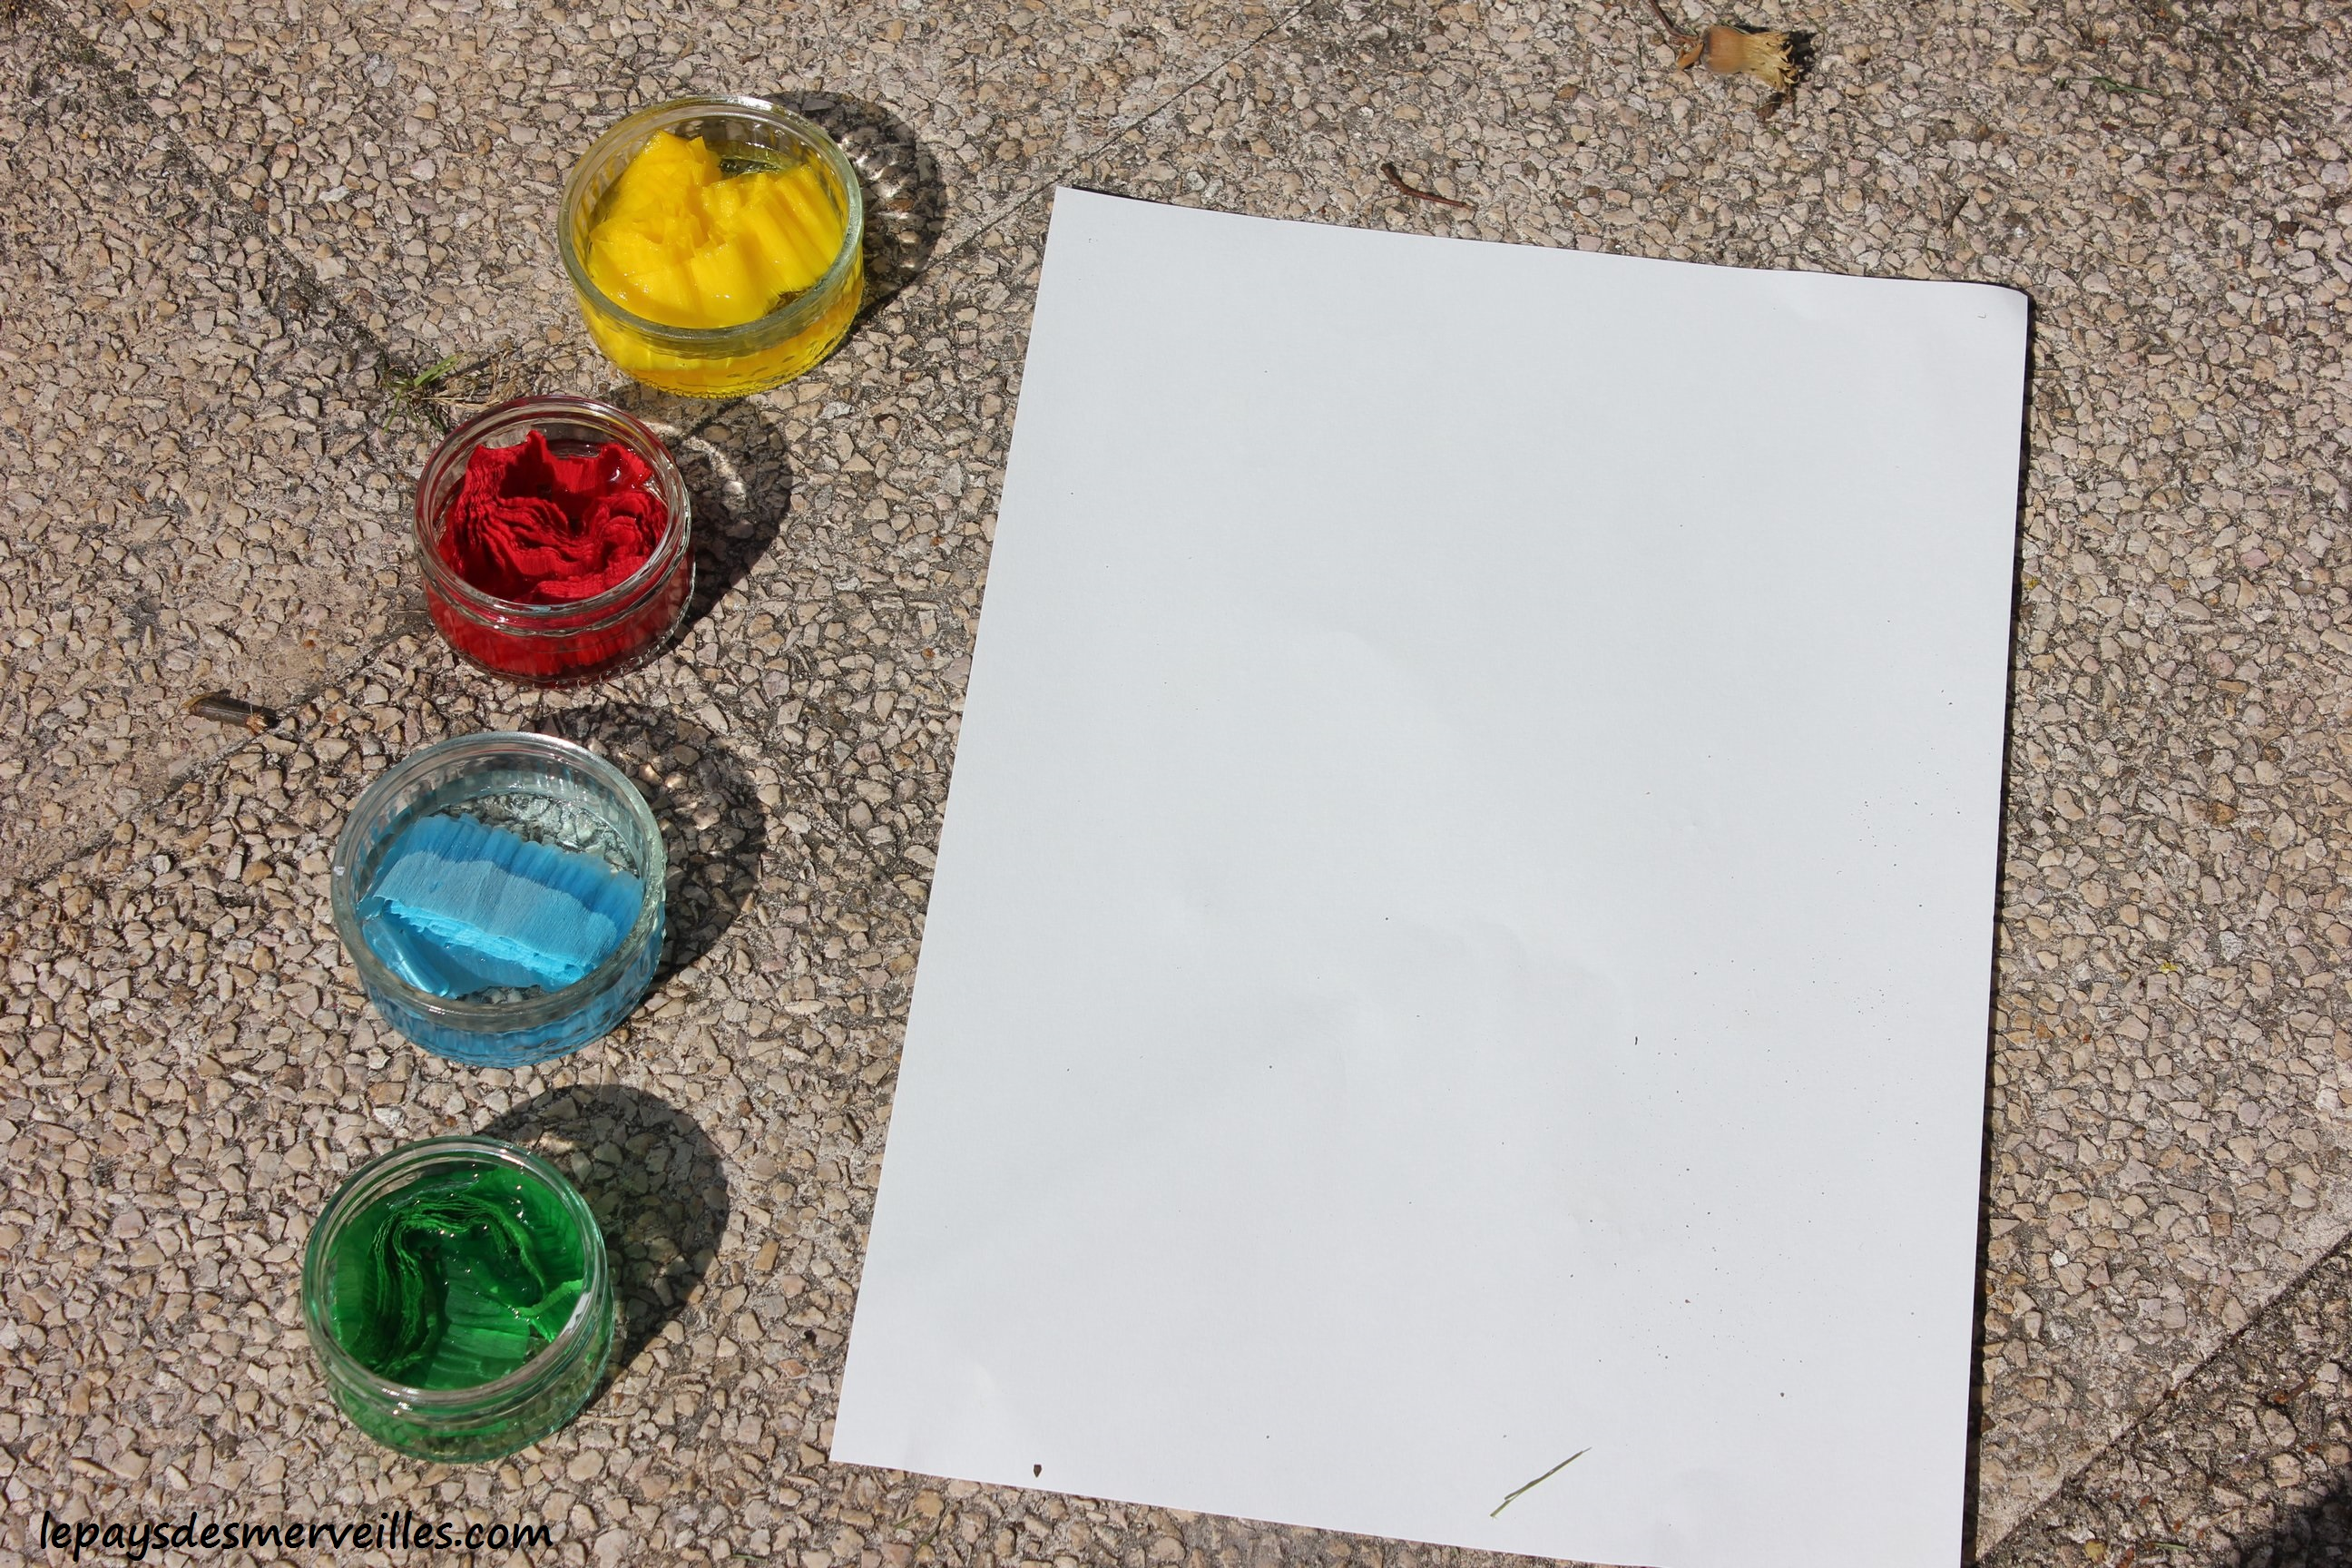 Papier A Peindre Epais peindre avec du papier crépon - peinture aquarelle - le pays